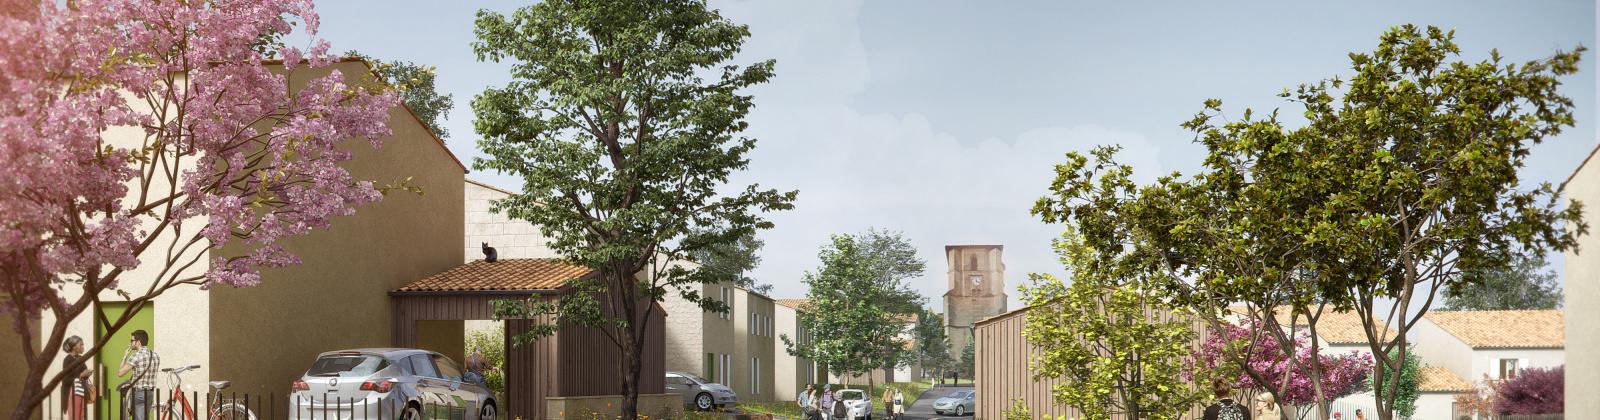 Nérigean, Le Bourg, France 33750, 2 Chambres Chambres, ,1 Salle de bainsSalle de bain,Maison,Habitat Participatif,1298